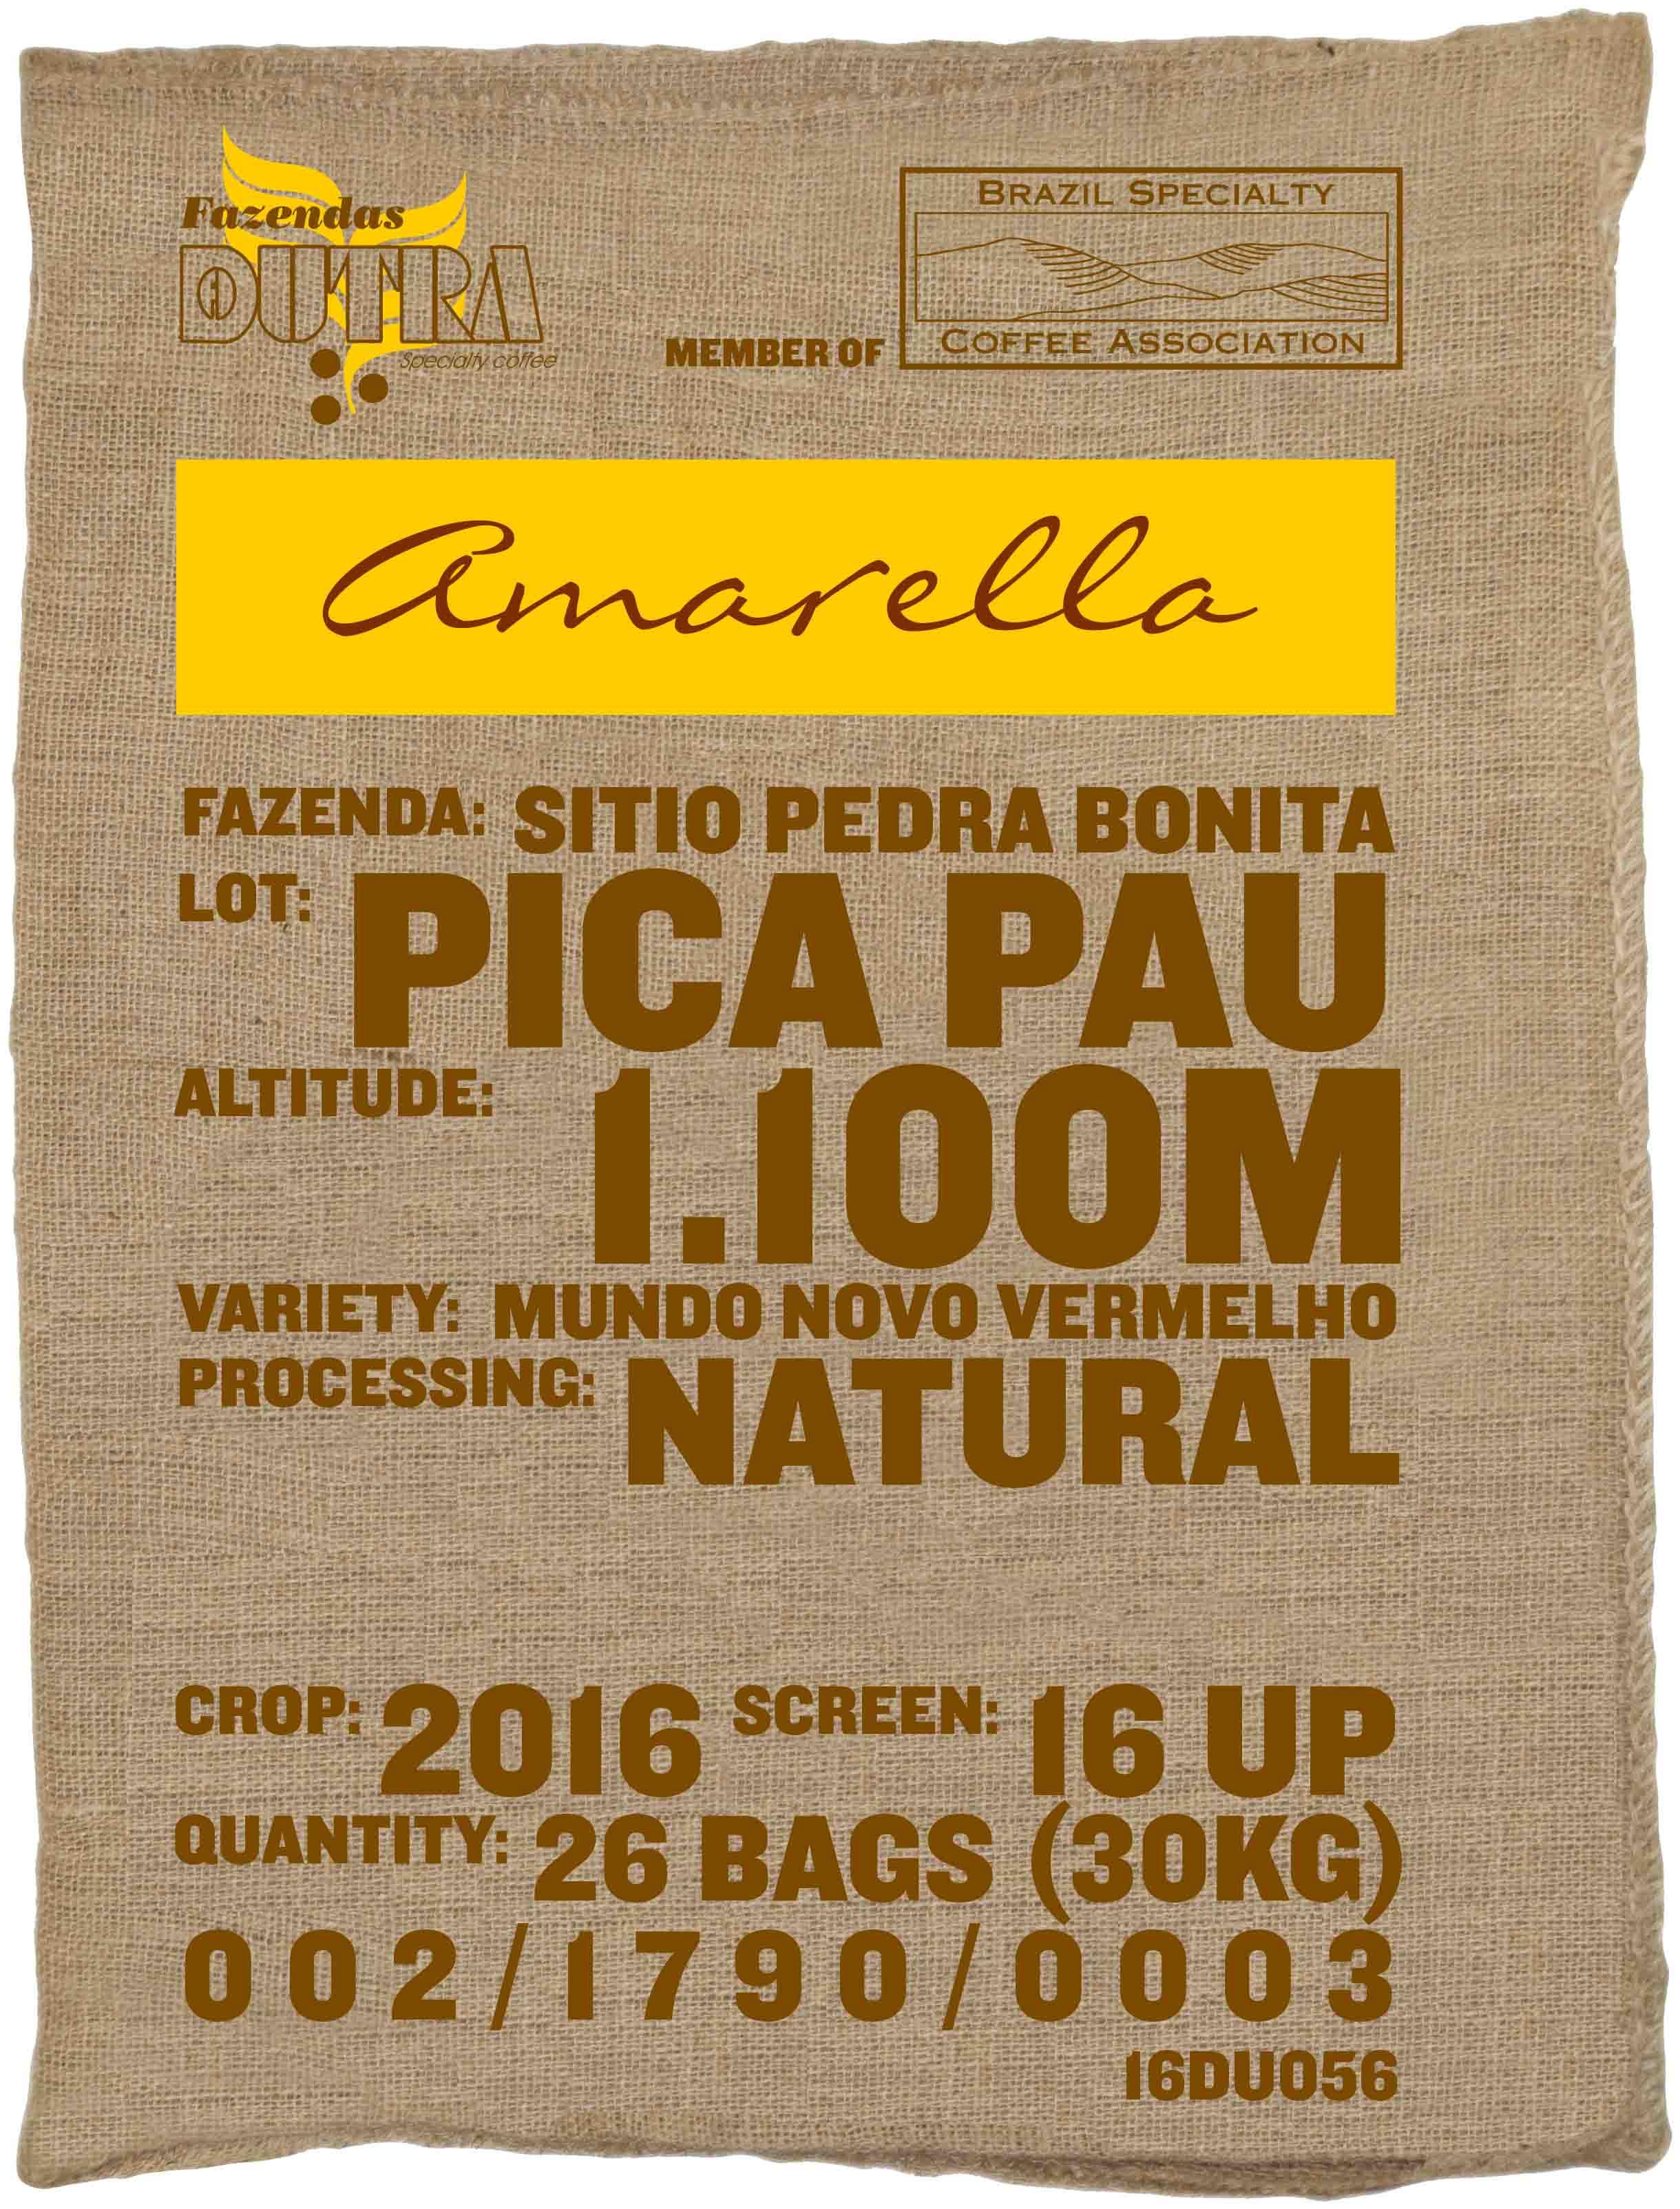 Ein Rohkaffeesack amarella Parzellenkaffee Varietät Mundo Novo vermelho. Fazendas Dutra Lot Pica Pau.